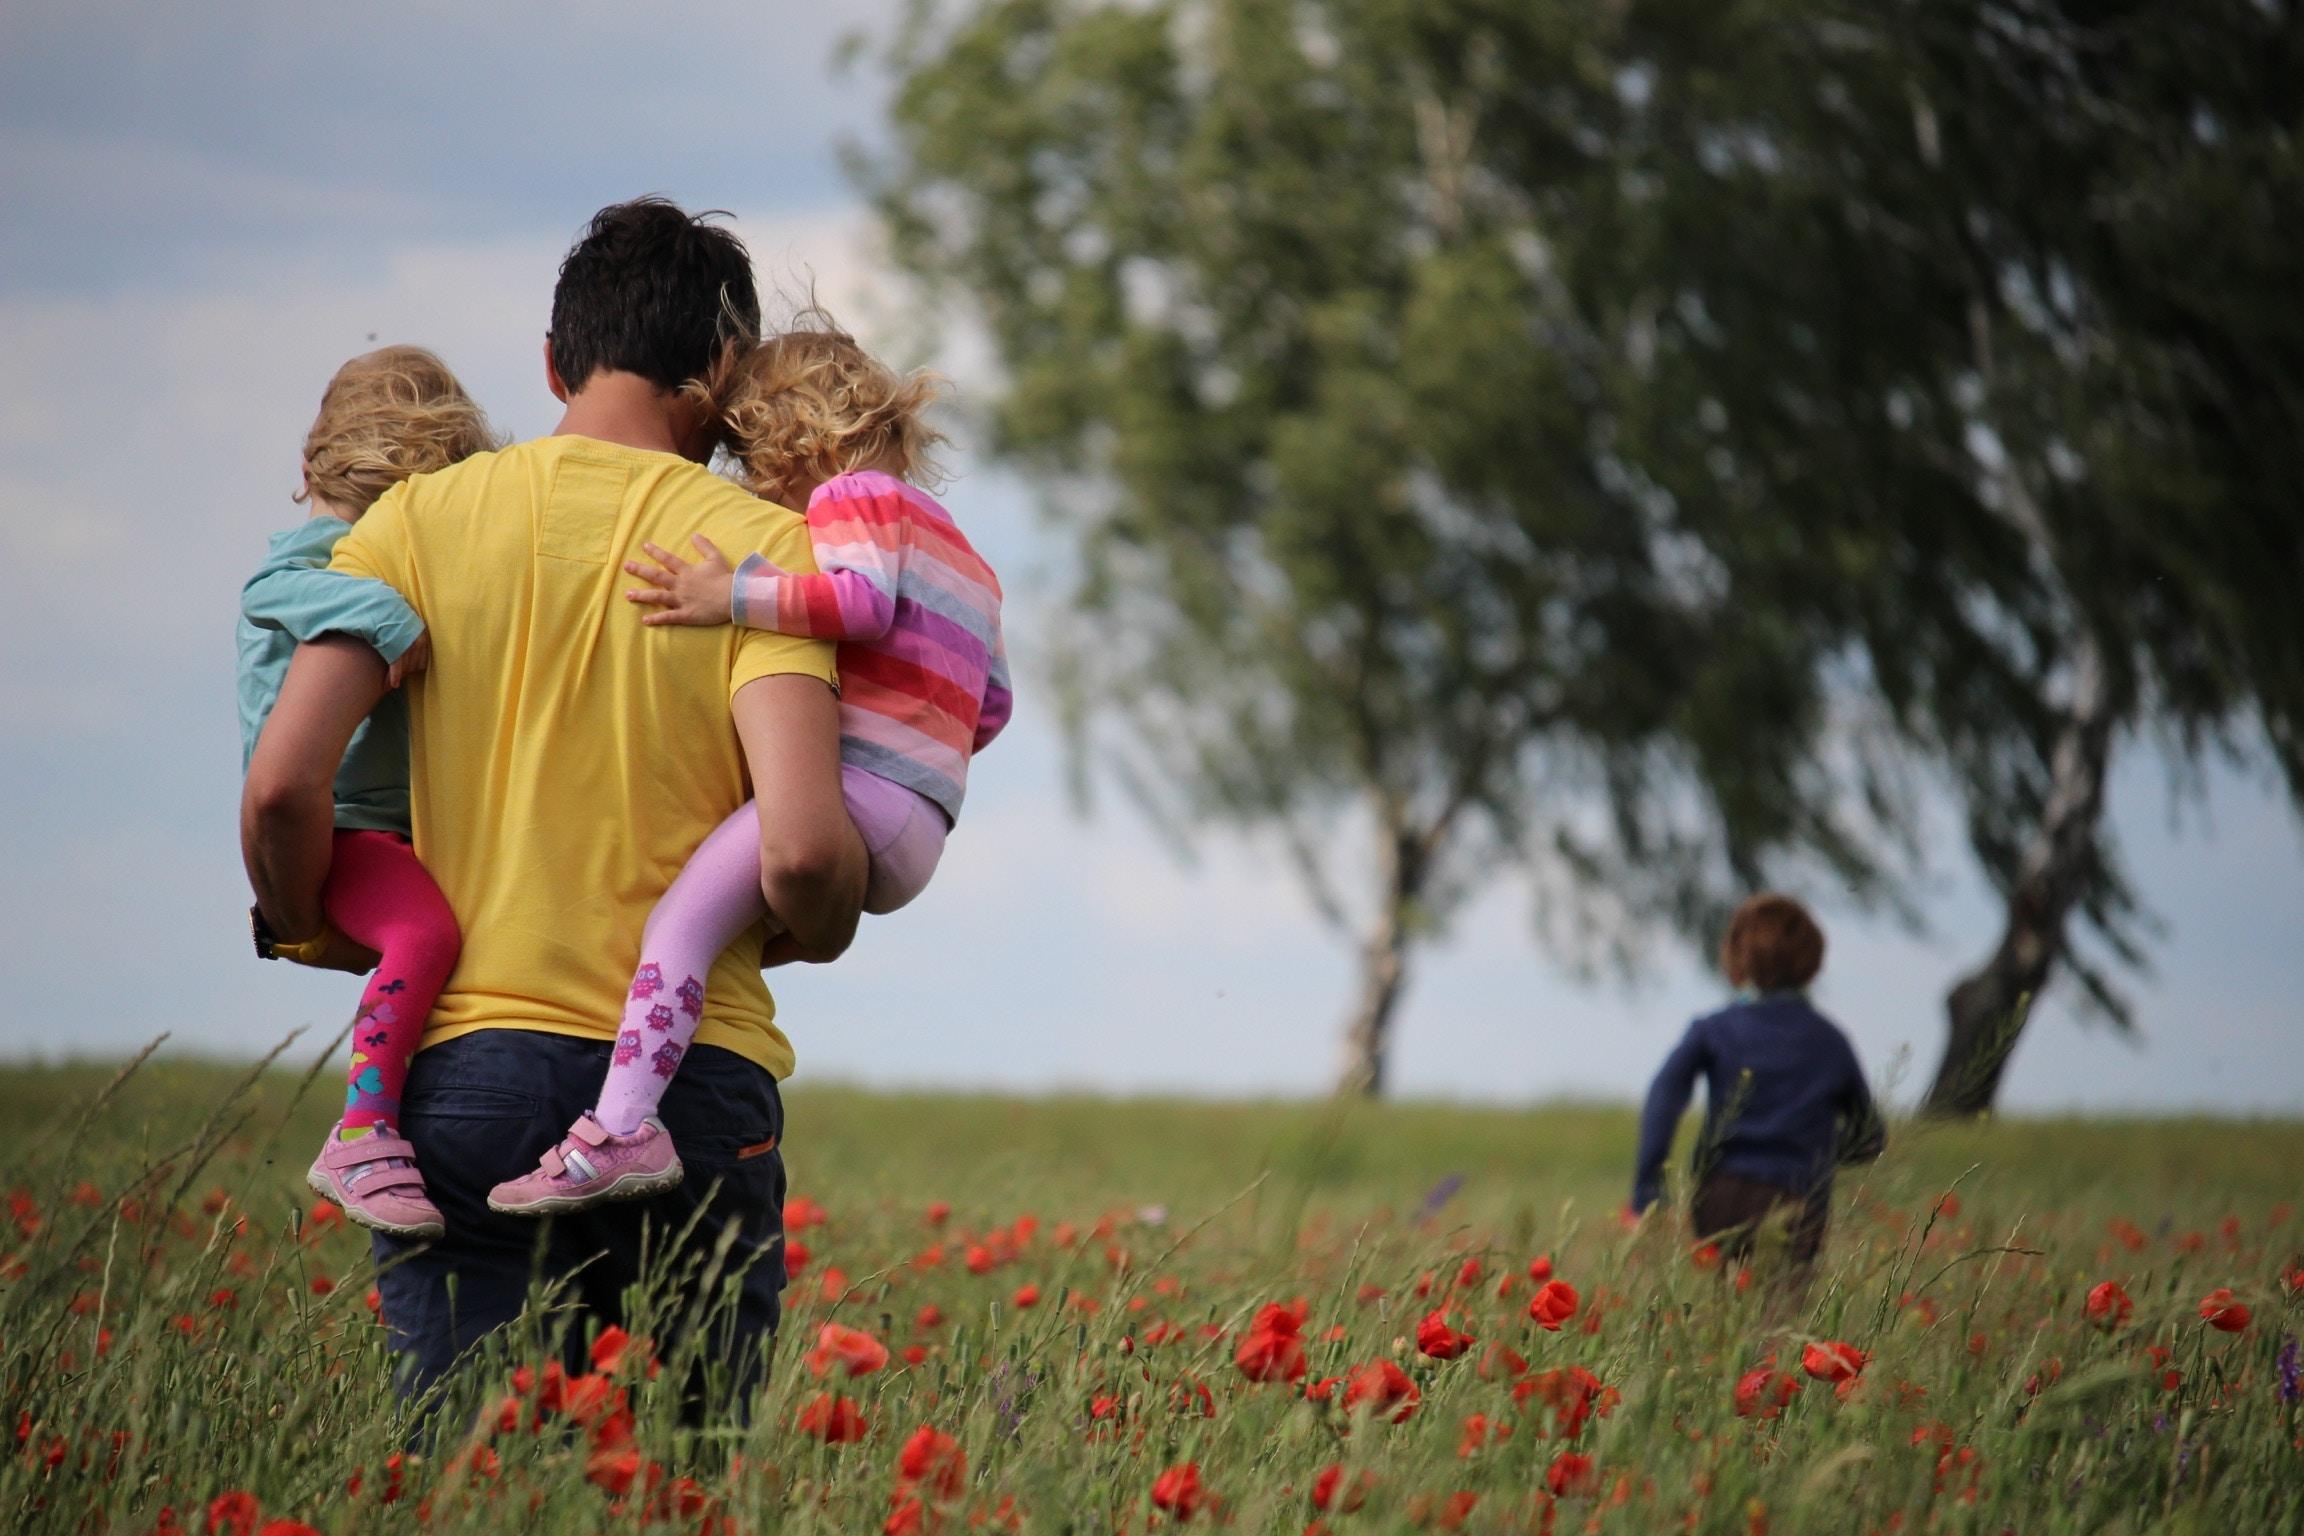 como afectan las discursiones de los padres a los niños